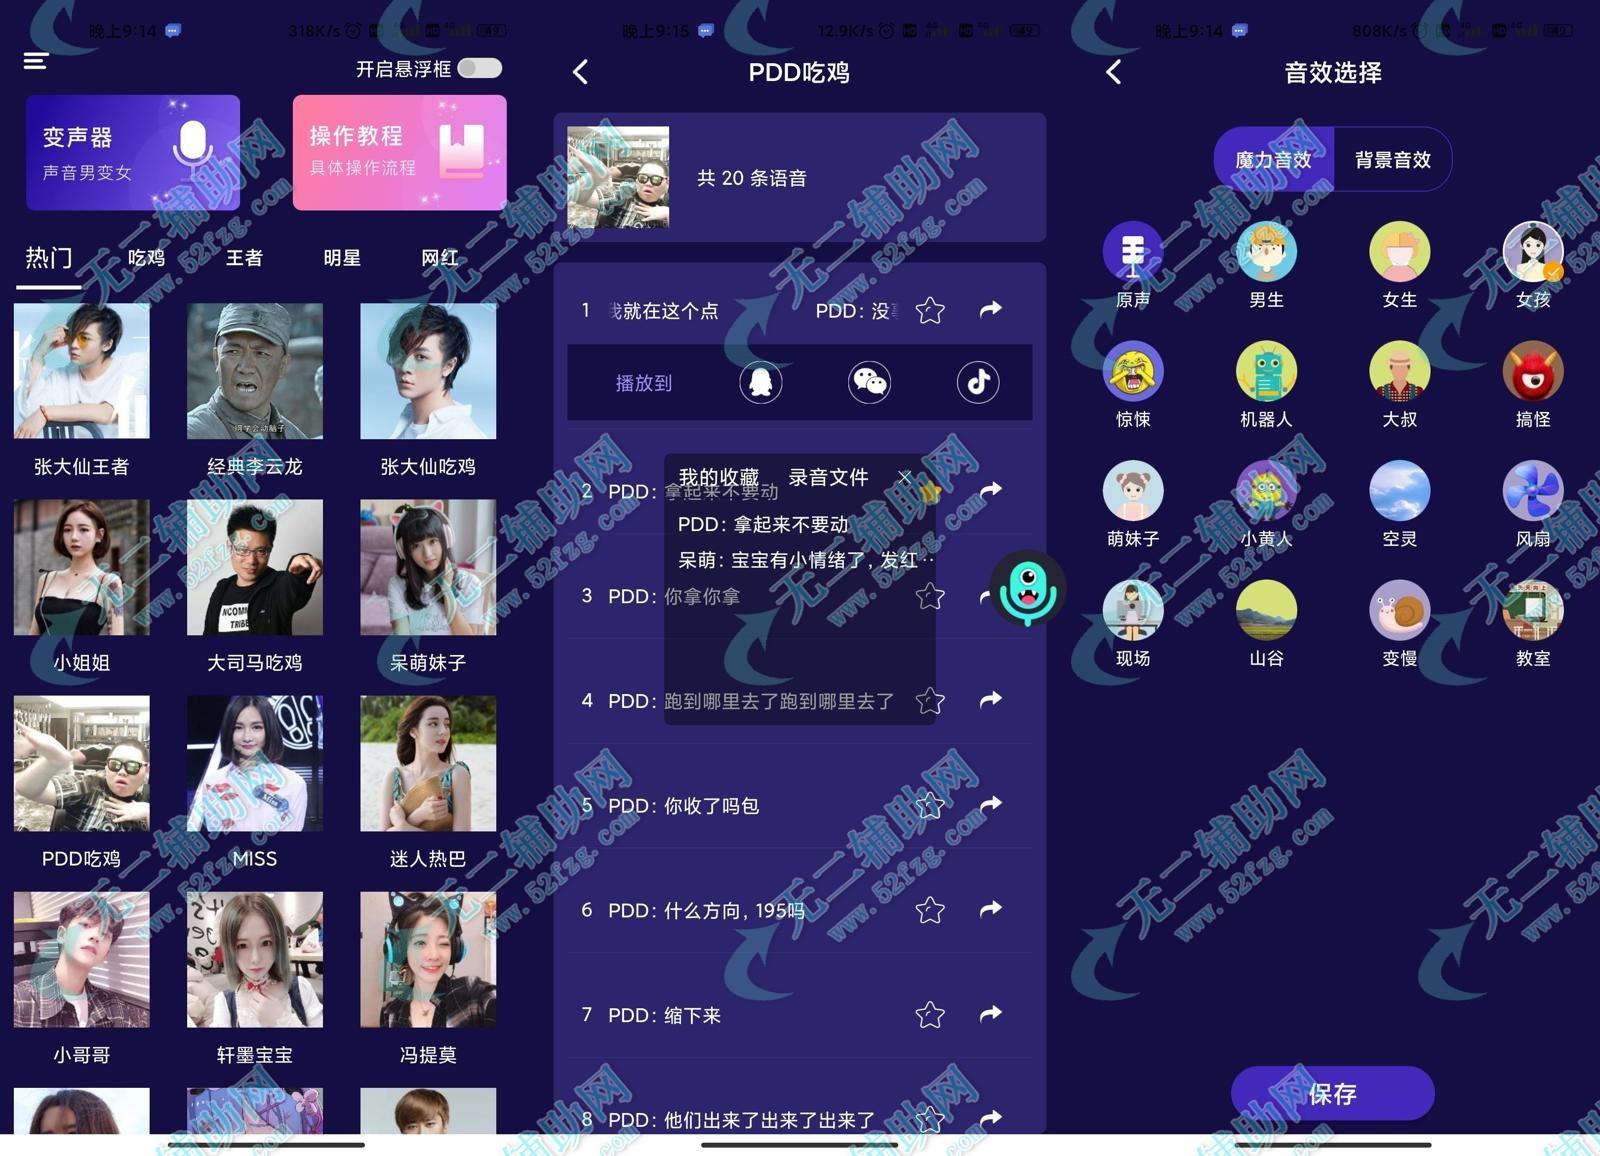 王者荣耀/和平精英游戏变声器v3.2解锁VIP版